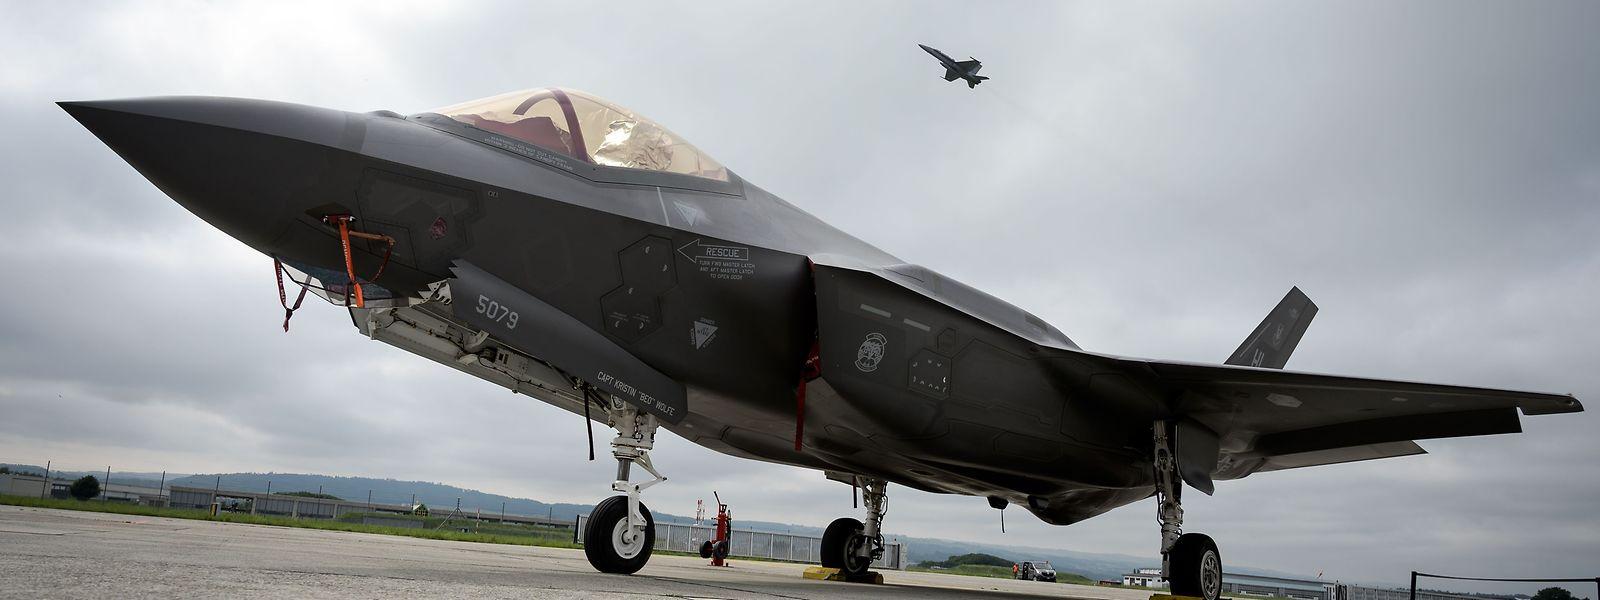 Les 17 premiers exemplaires de F-35 sont attendus en 2025.